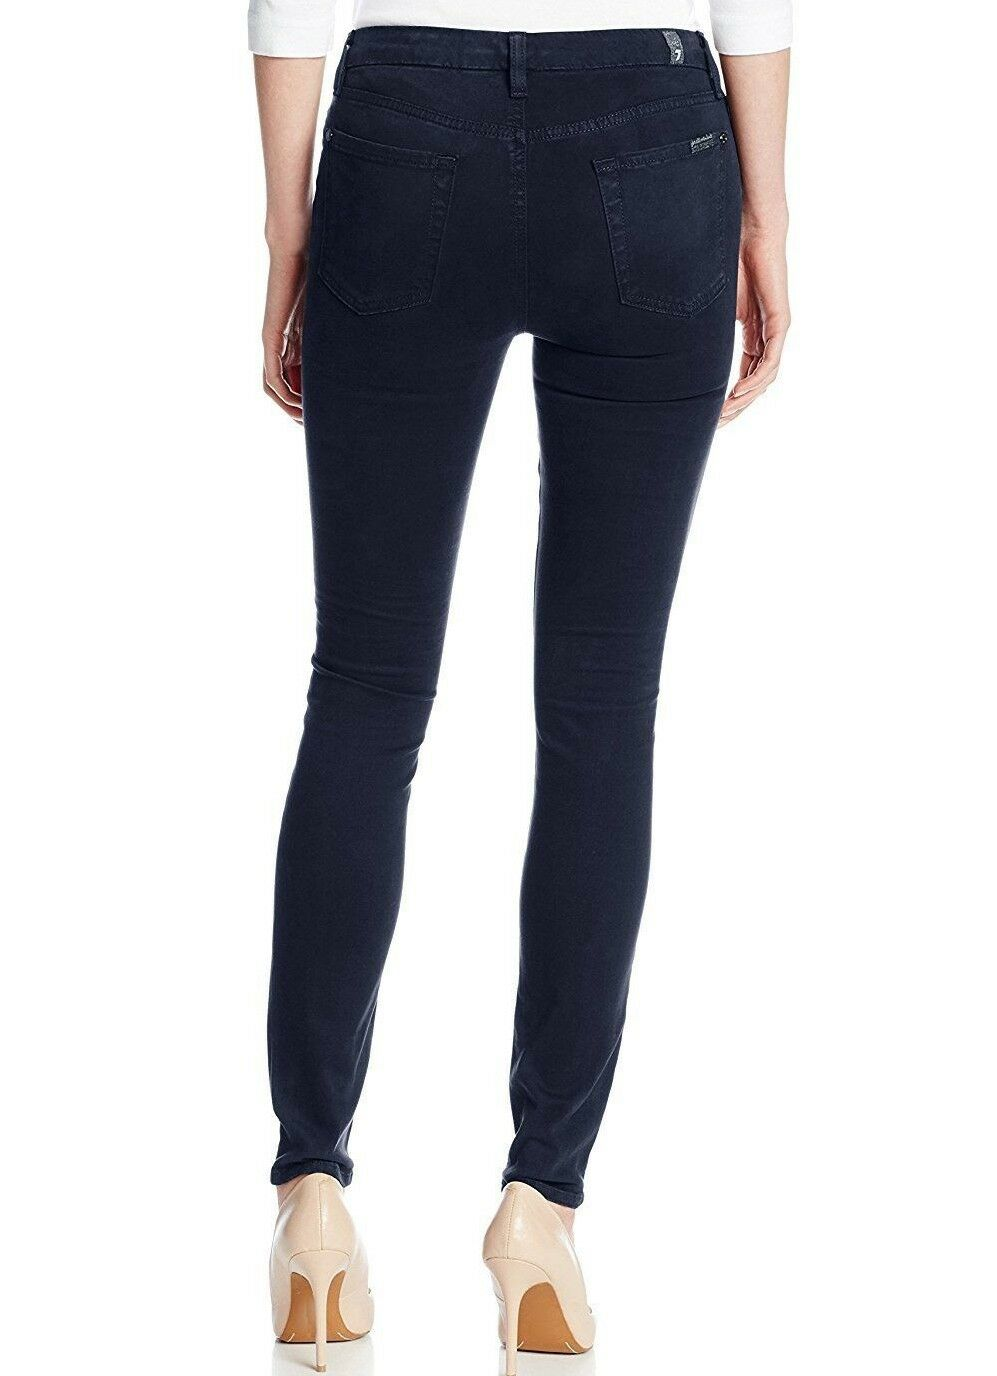 Nwt 7 für Alle Sz25 die Eng Anliegende Midrise Jeans Stretch Gebürstet